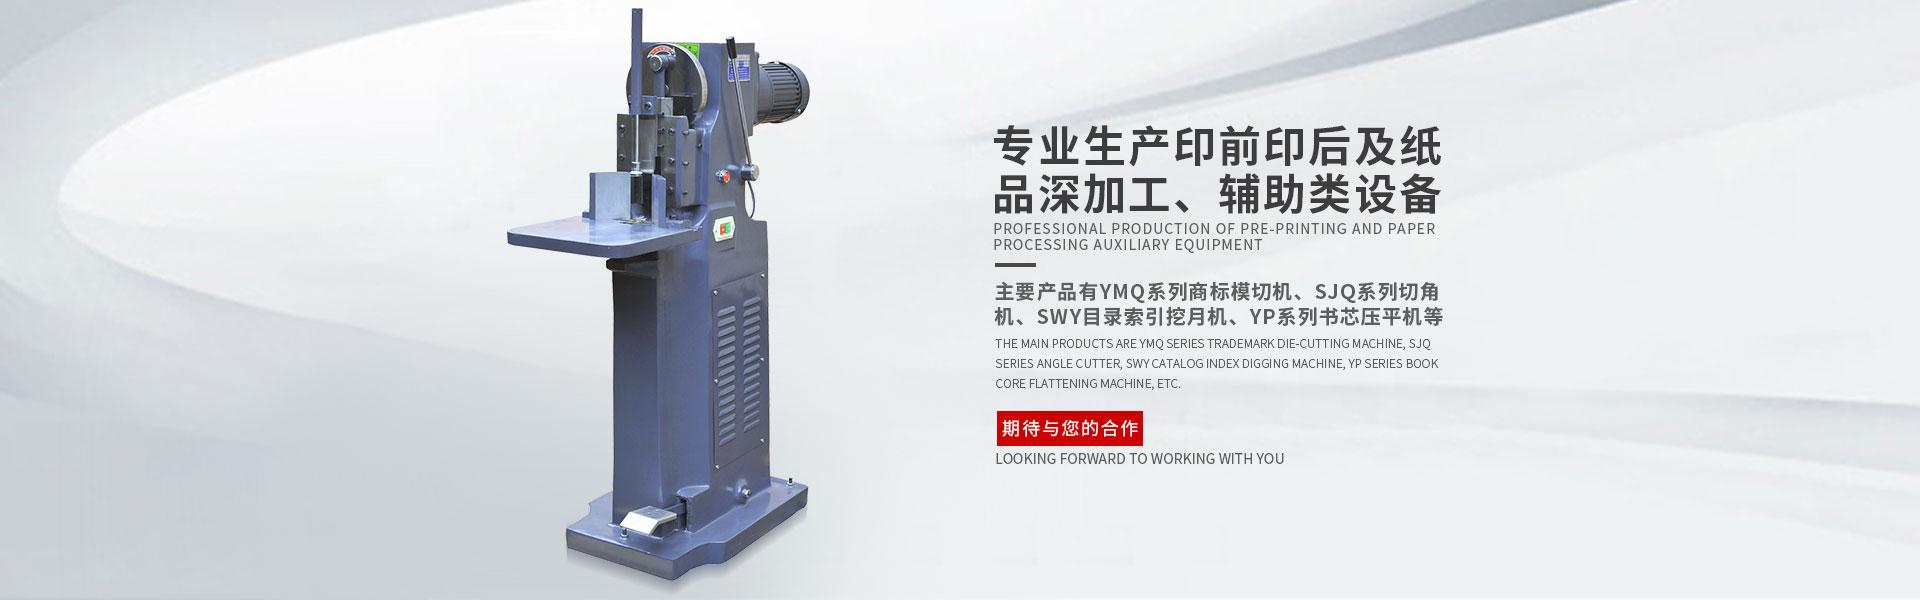 溫州市旭日印刷機械有限公司